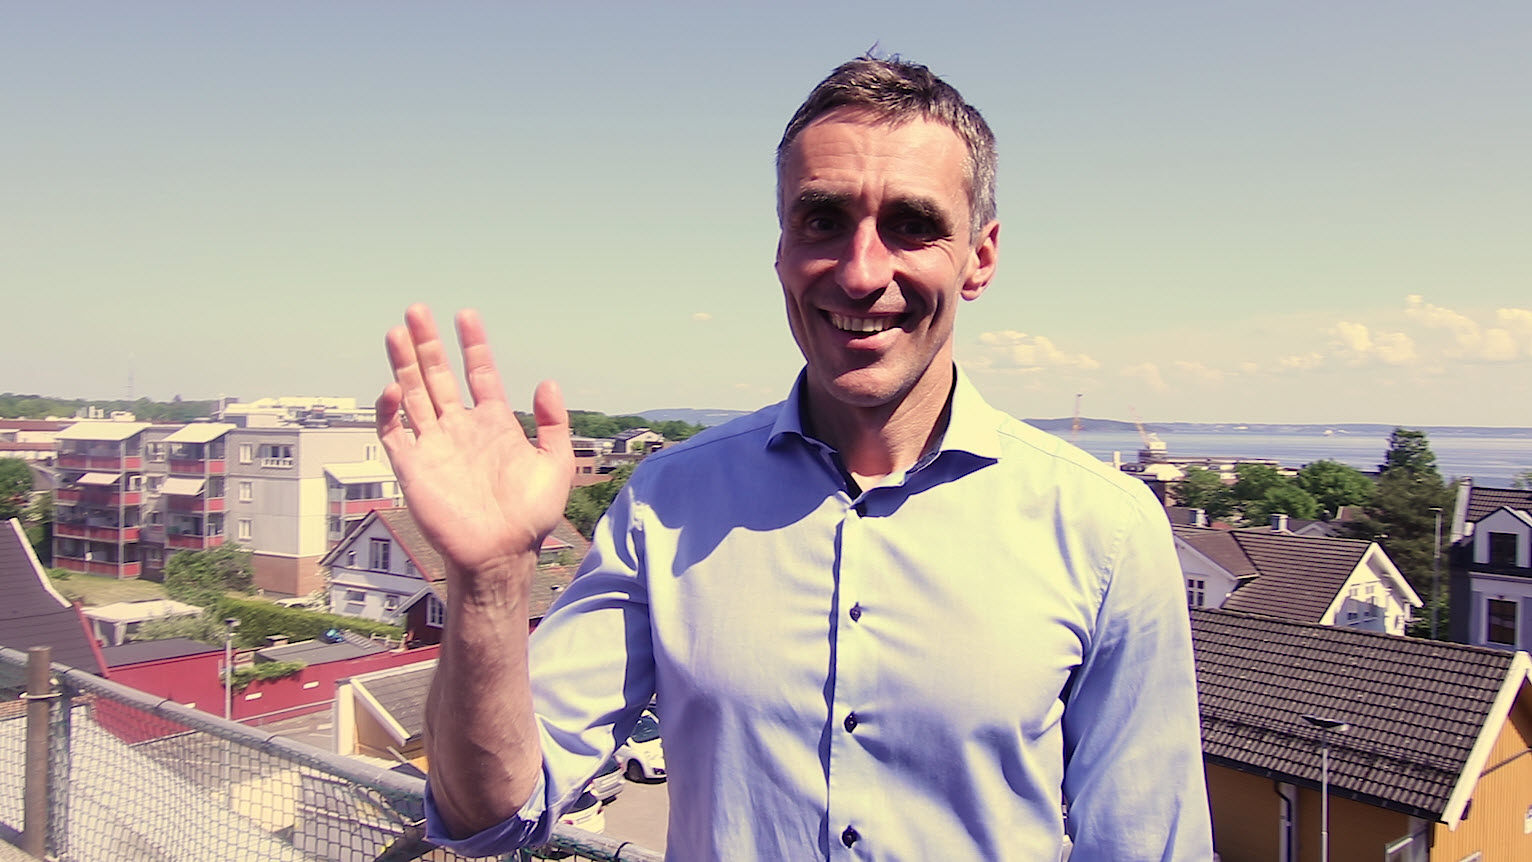 På Sommerterrassen - Intervju med HPE Partnersjef Xavier Ducasse